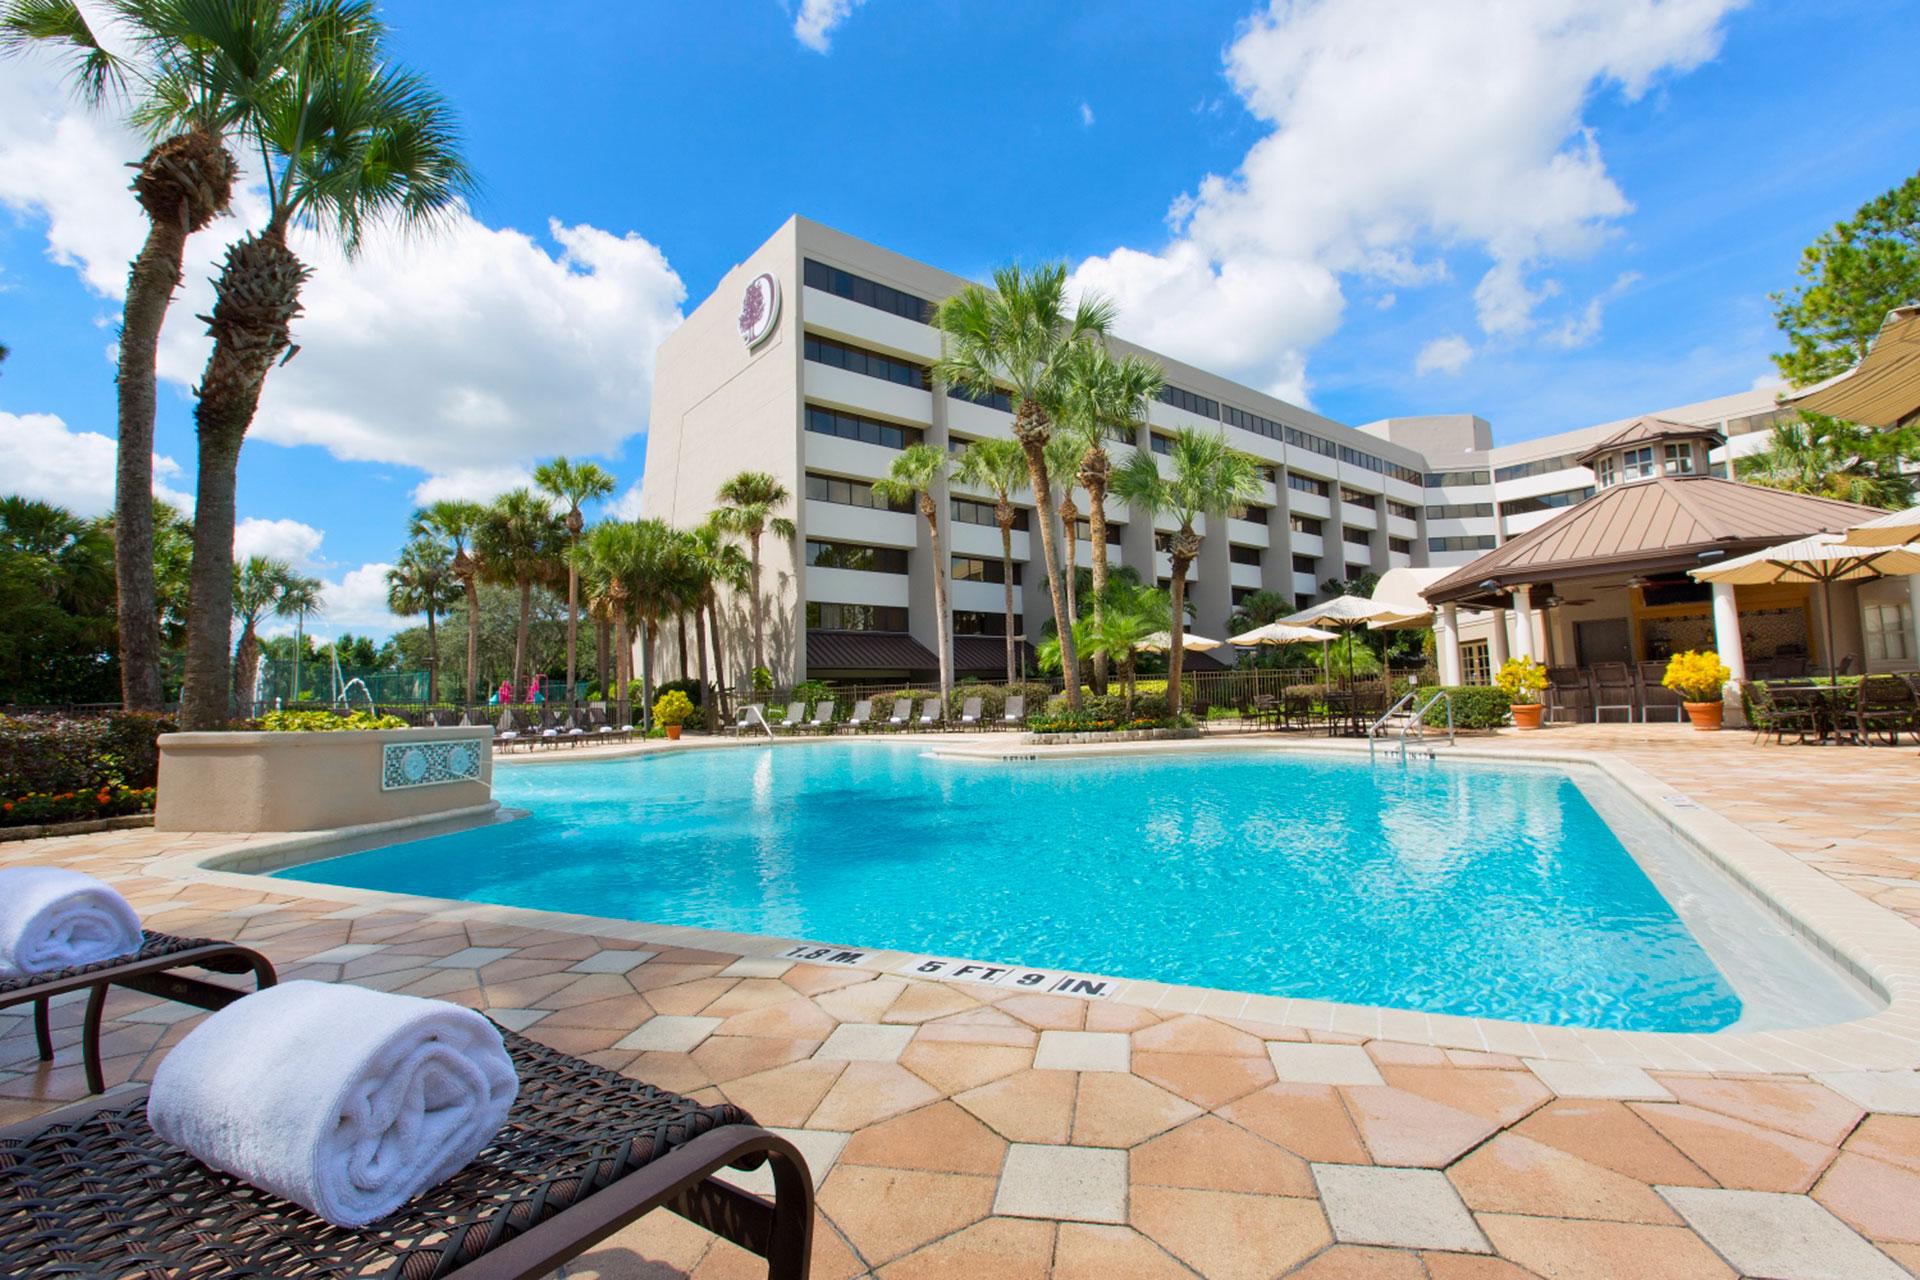 Outdoor Pool at Doubletree Suites by Hilton Hotel Orlando - Lake Buena Vista Hotel (Disney Springs Area; Courtesy of Doubletree Suites by Hilton Hotel Orlando - Lake Buena Vista Hotel (Disney Springs Area)